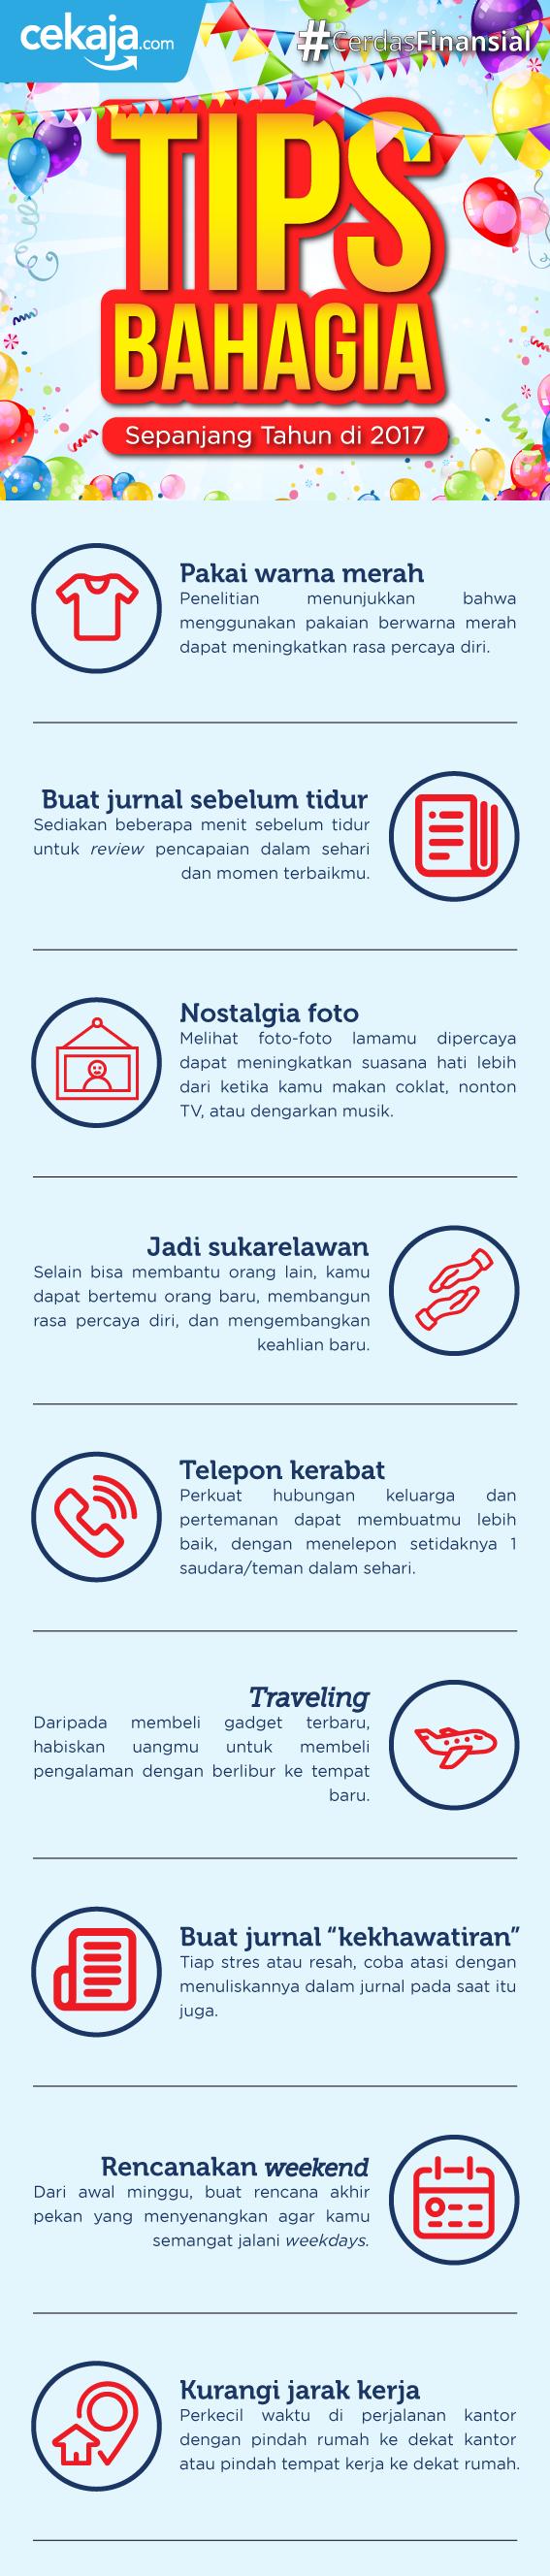 infografis_tips bahagia - CekAja.com